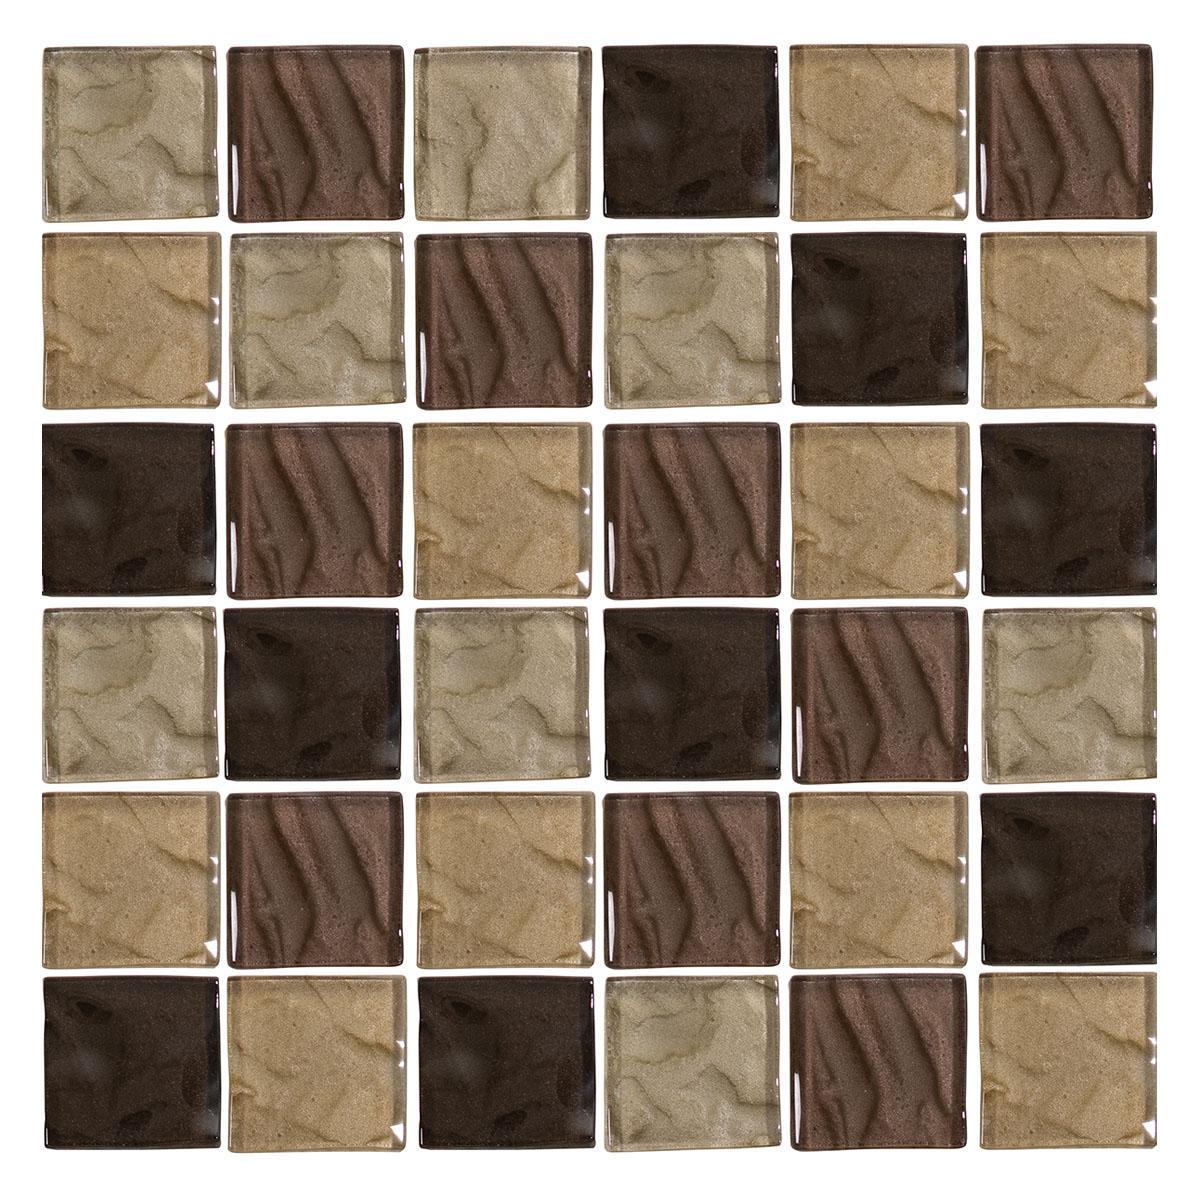 Pepelma Mix Marrón Brillante - 30X30 cm - 1 Pza